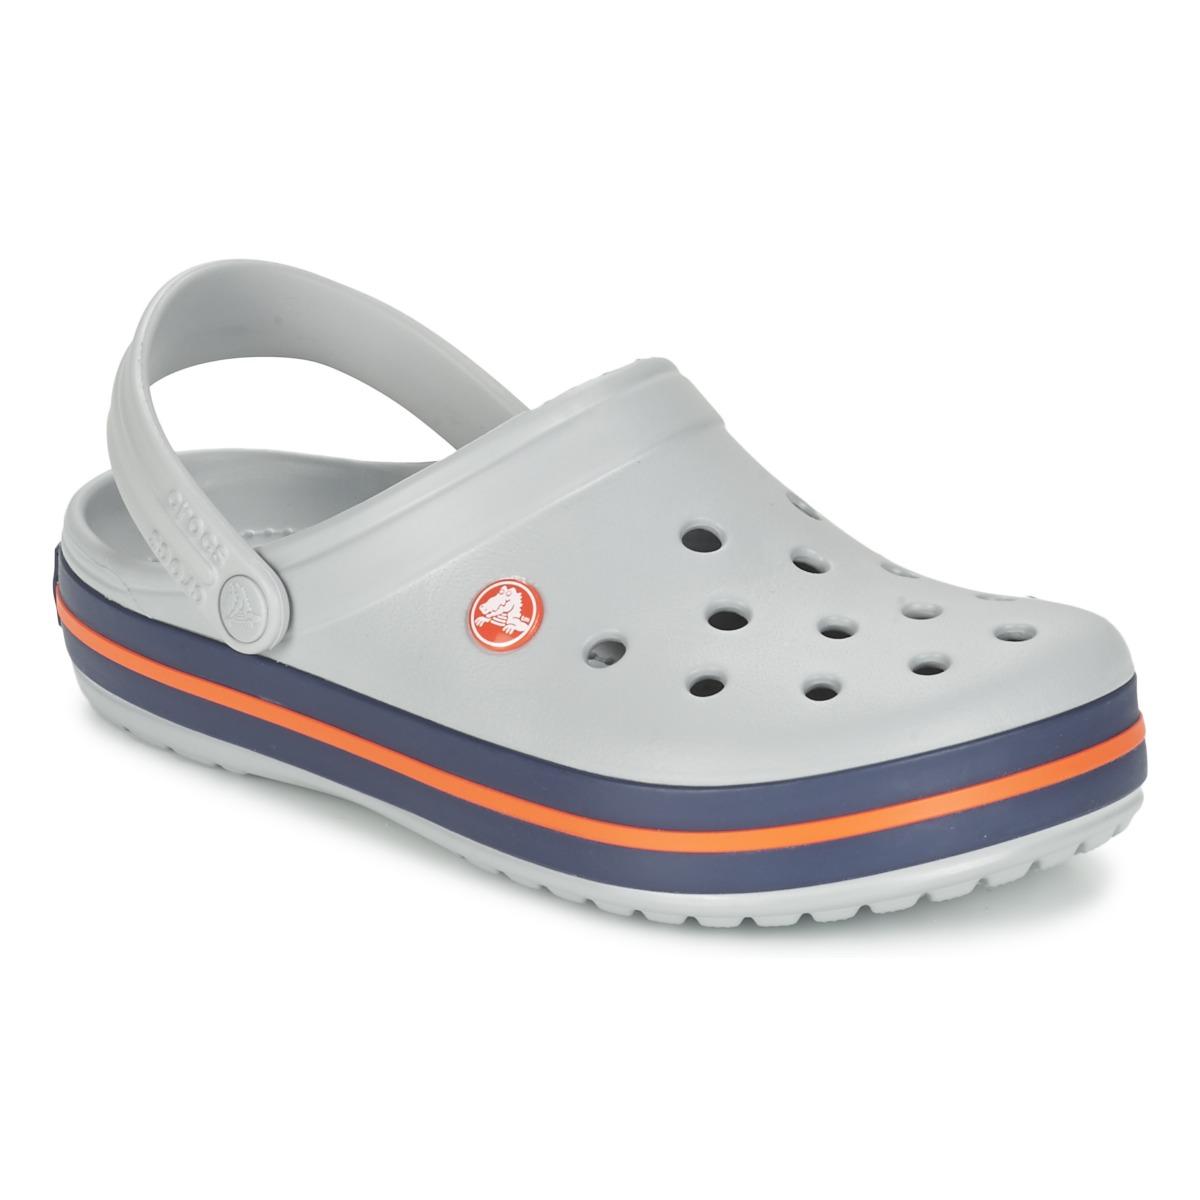 Crocs CROCBAND Grau - Kostenloser Versand bei Spartoode ! - Schuhe Pantoletten / Clogs  35,99 €